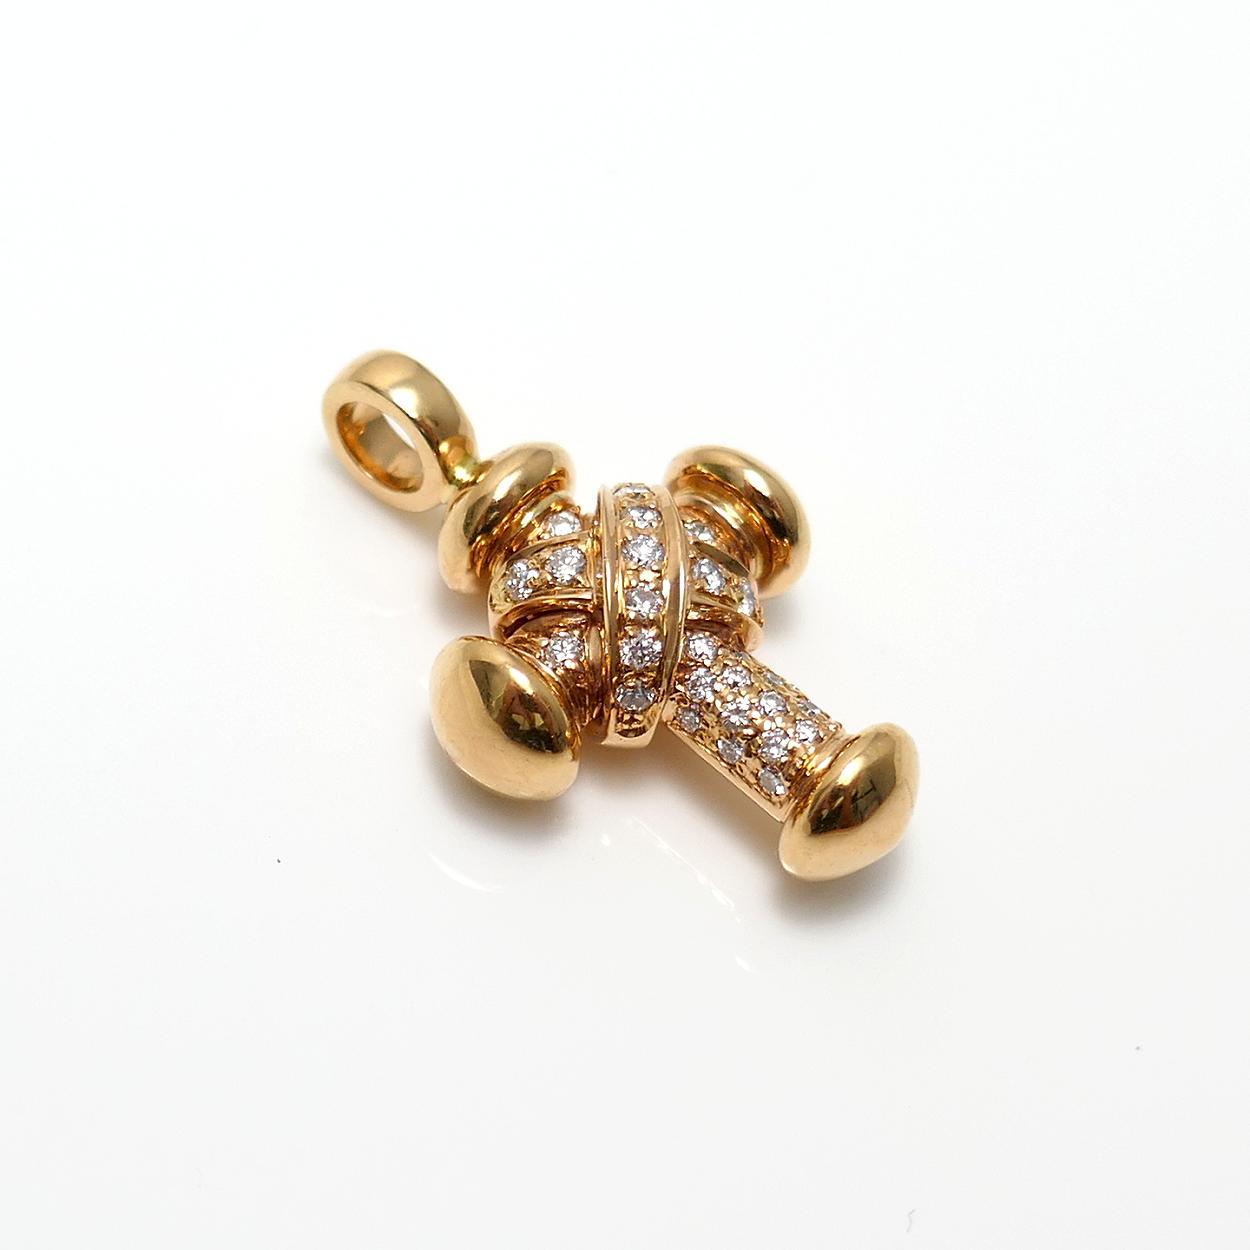 Kleines Brillantkreuz RG Edition von Leo Wittwer